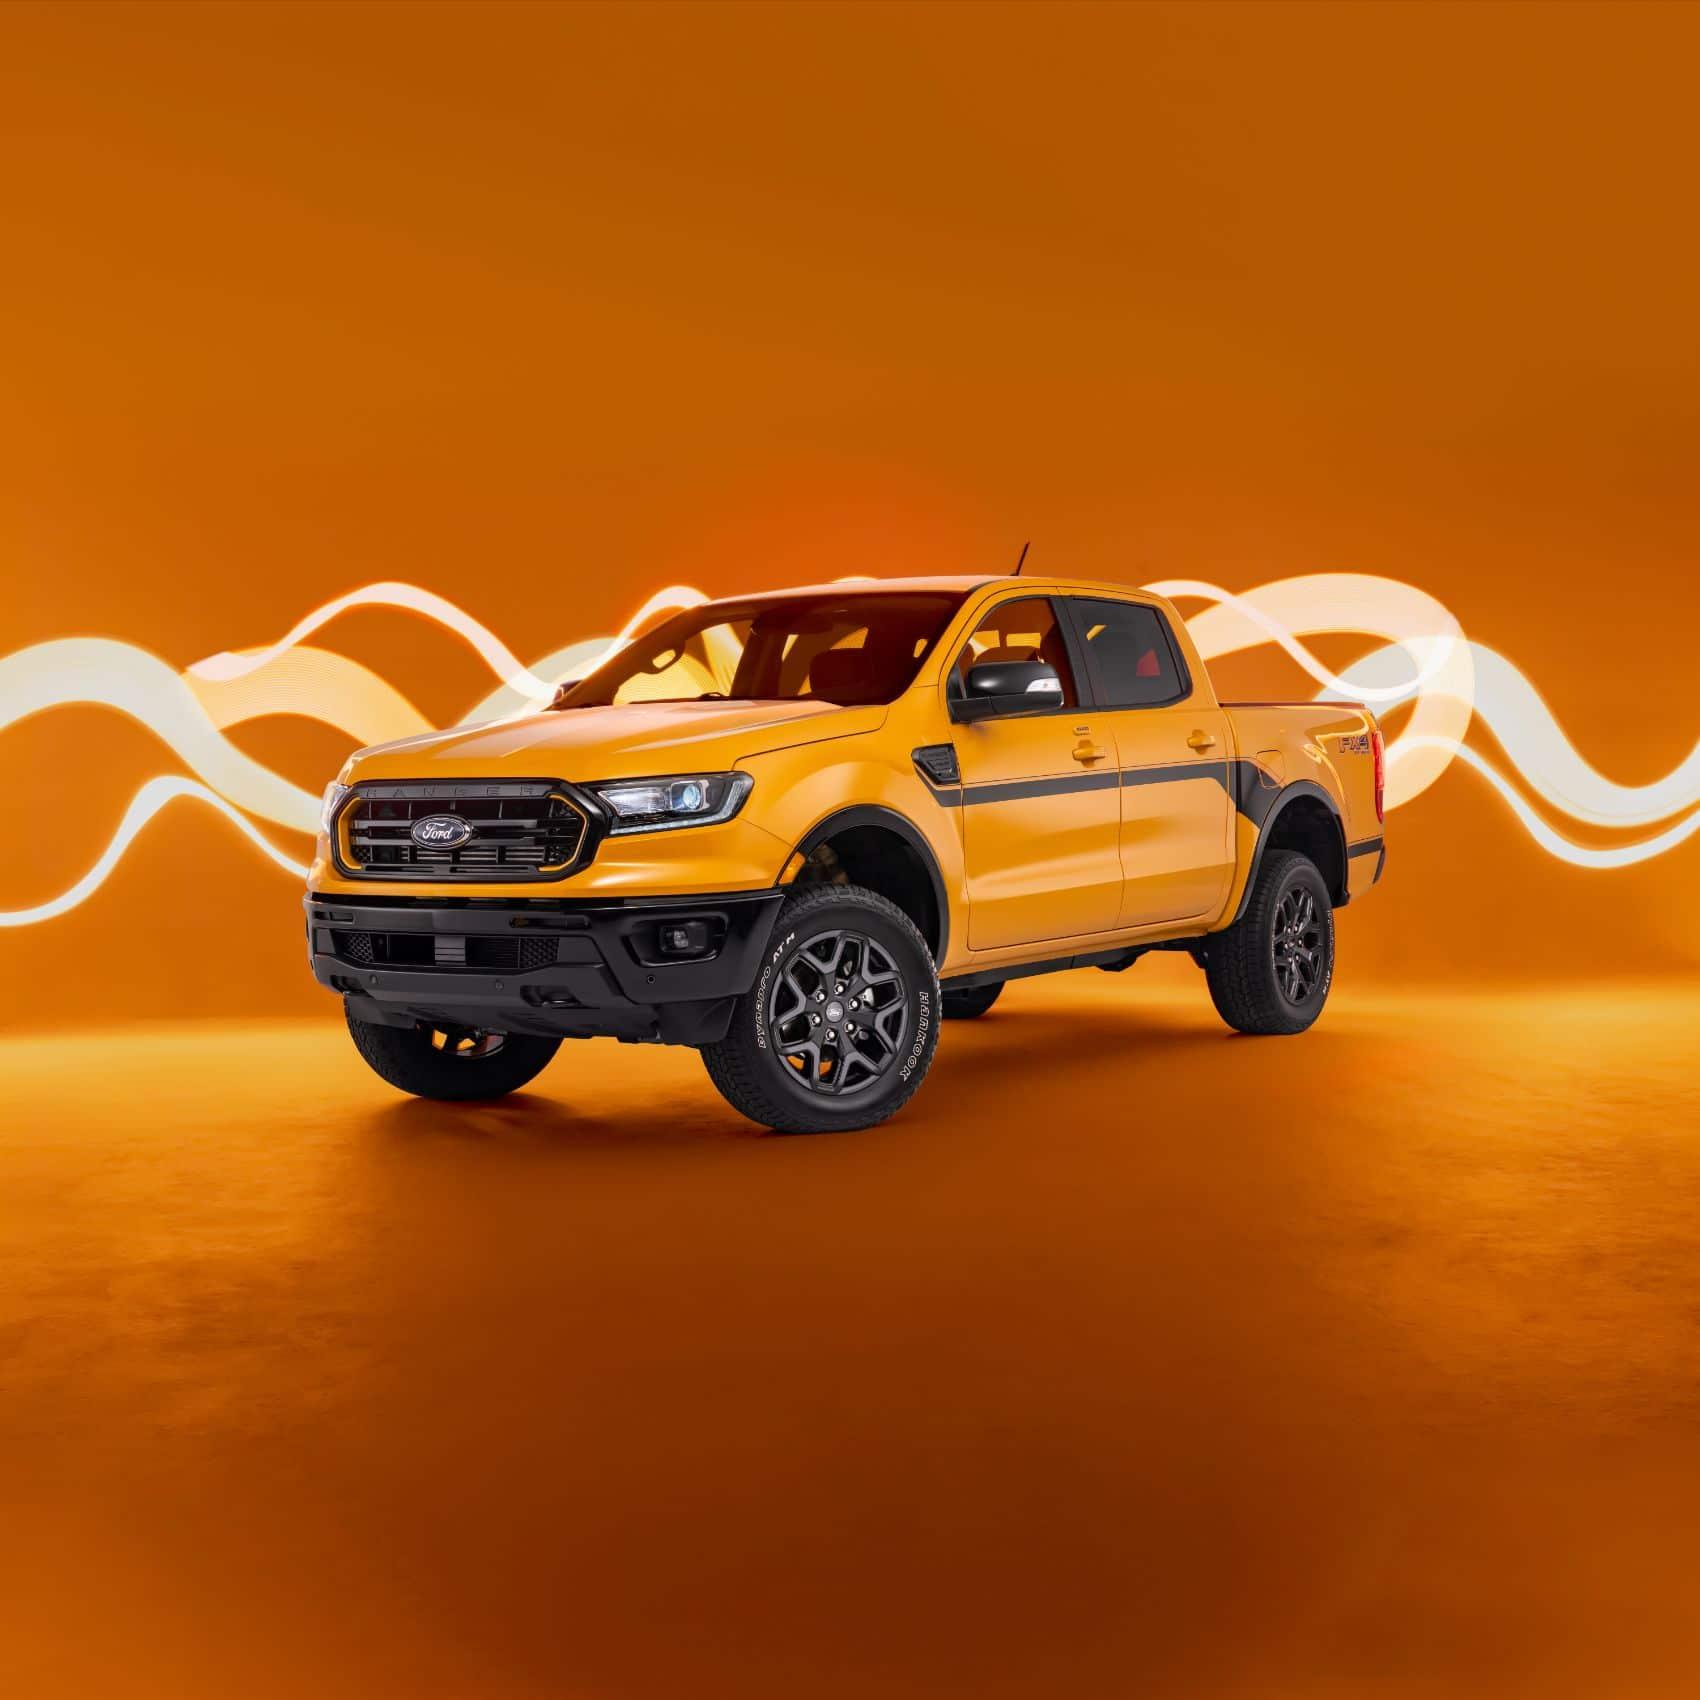 Ford Ranger Splash: Blast From The Past Returns For 2022!